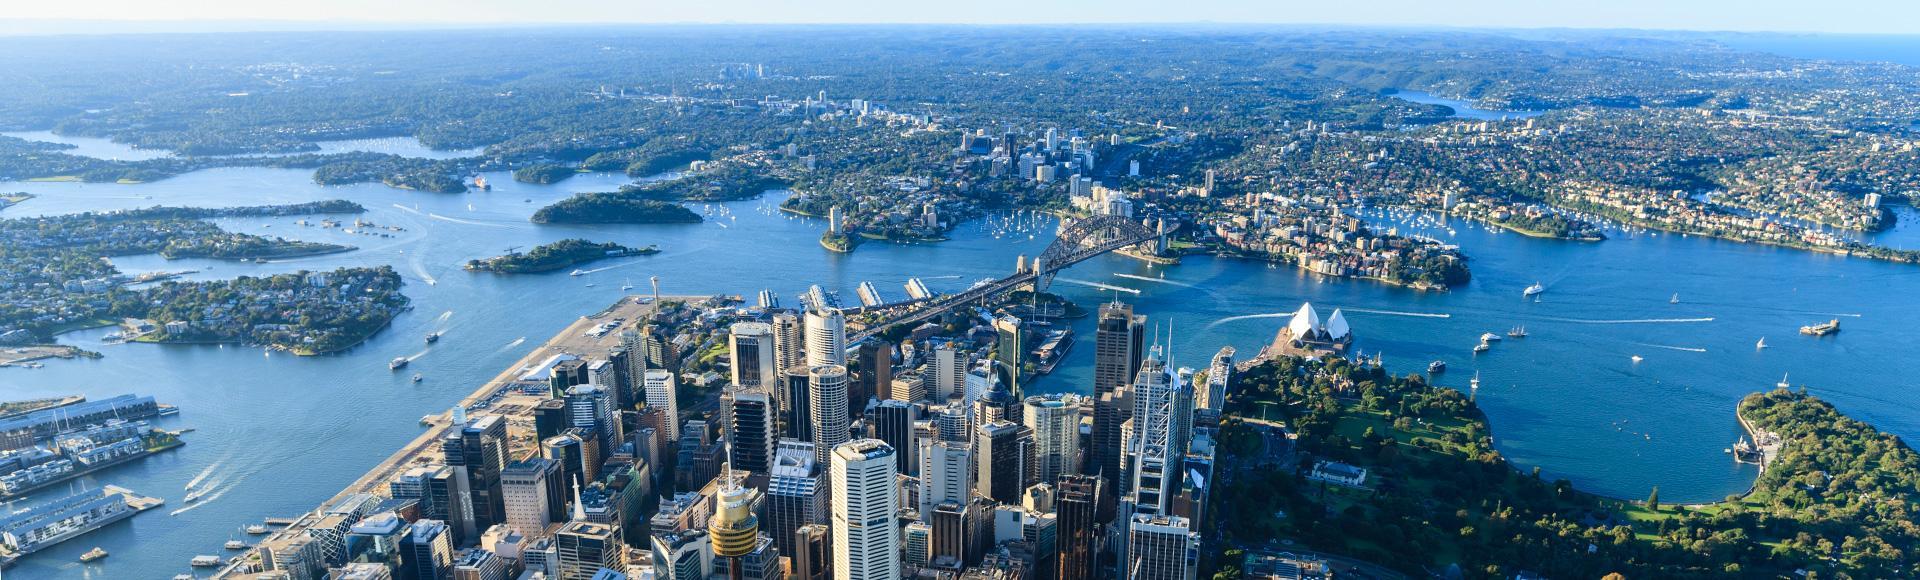 Sydney-cbd-580